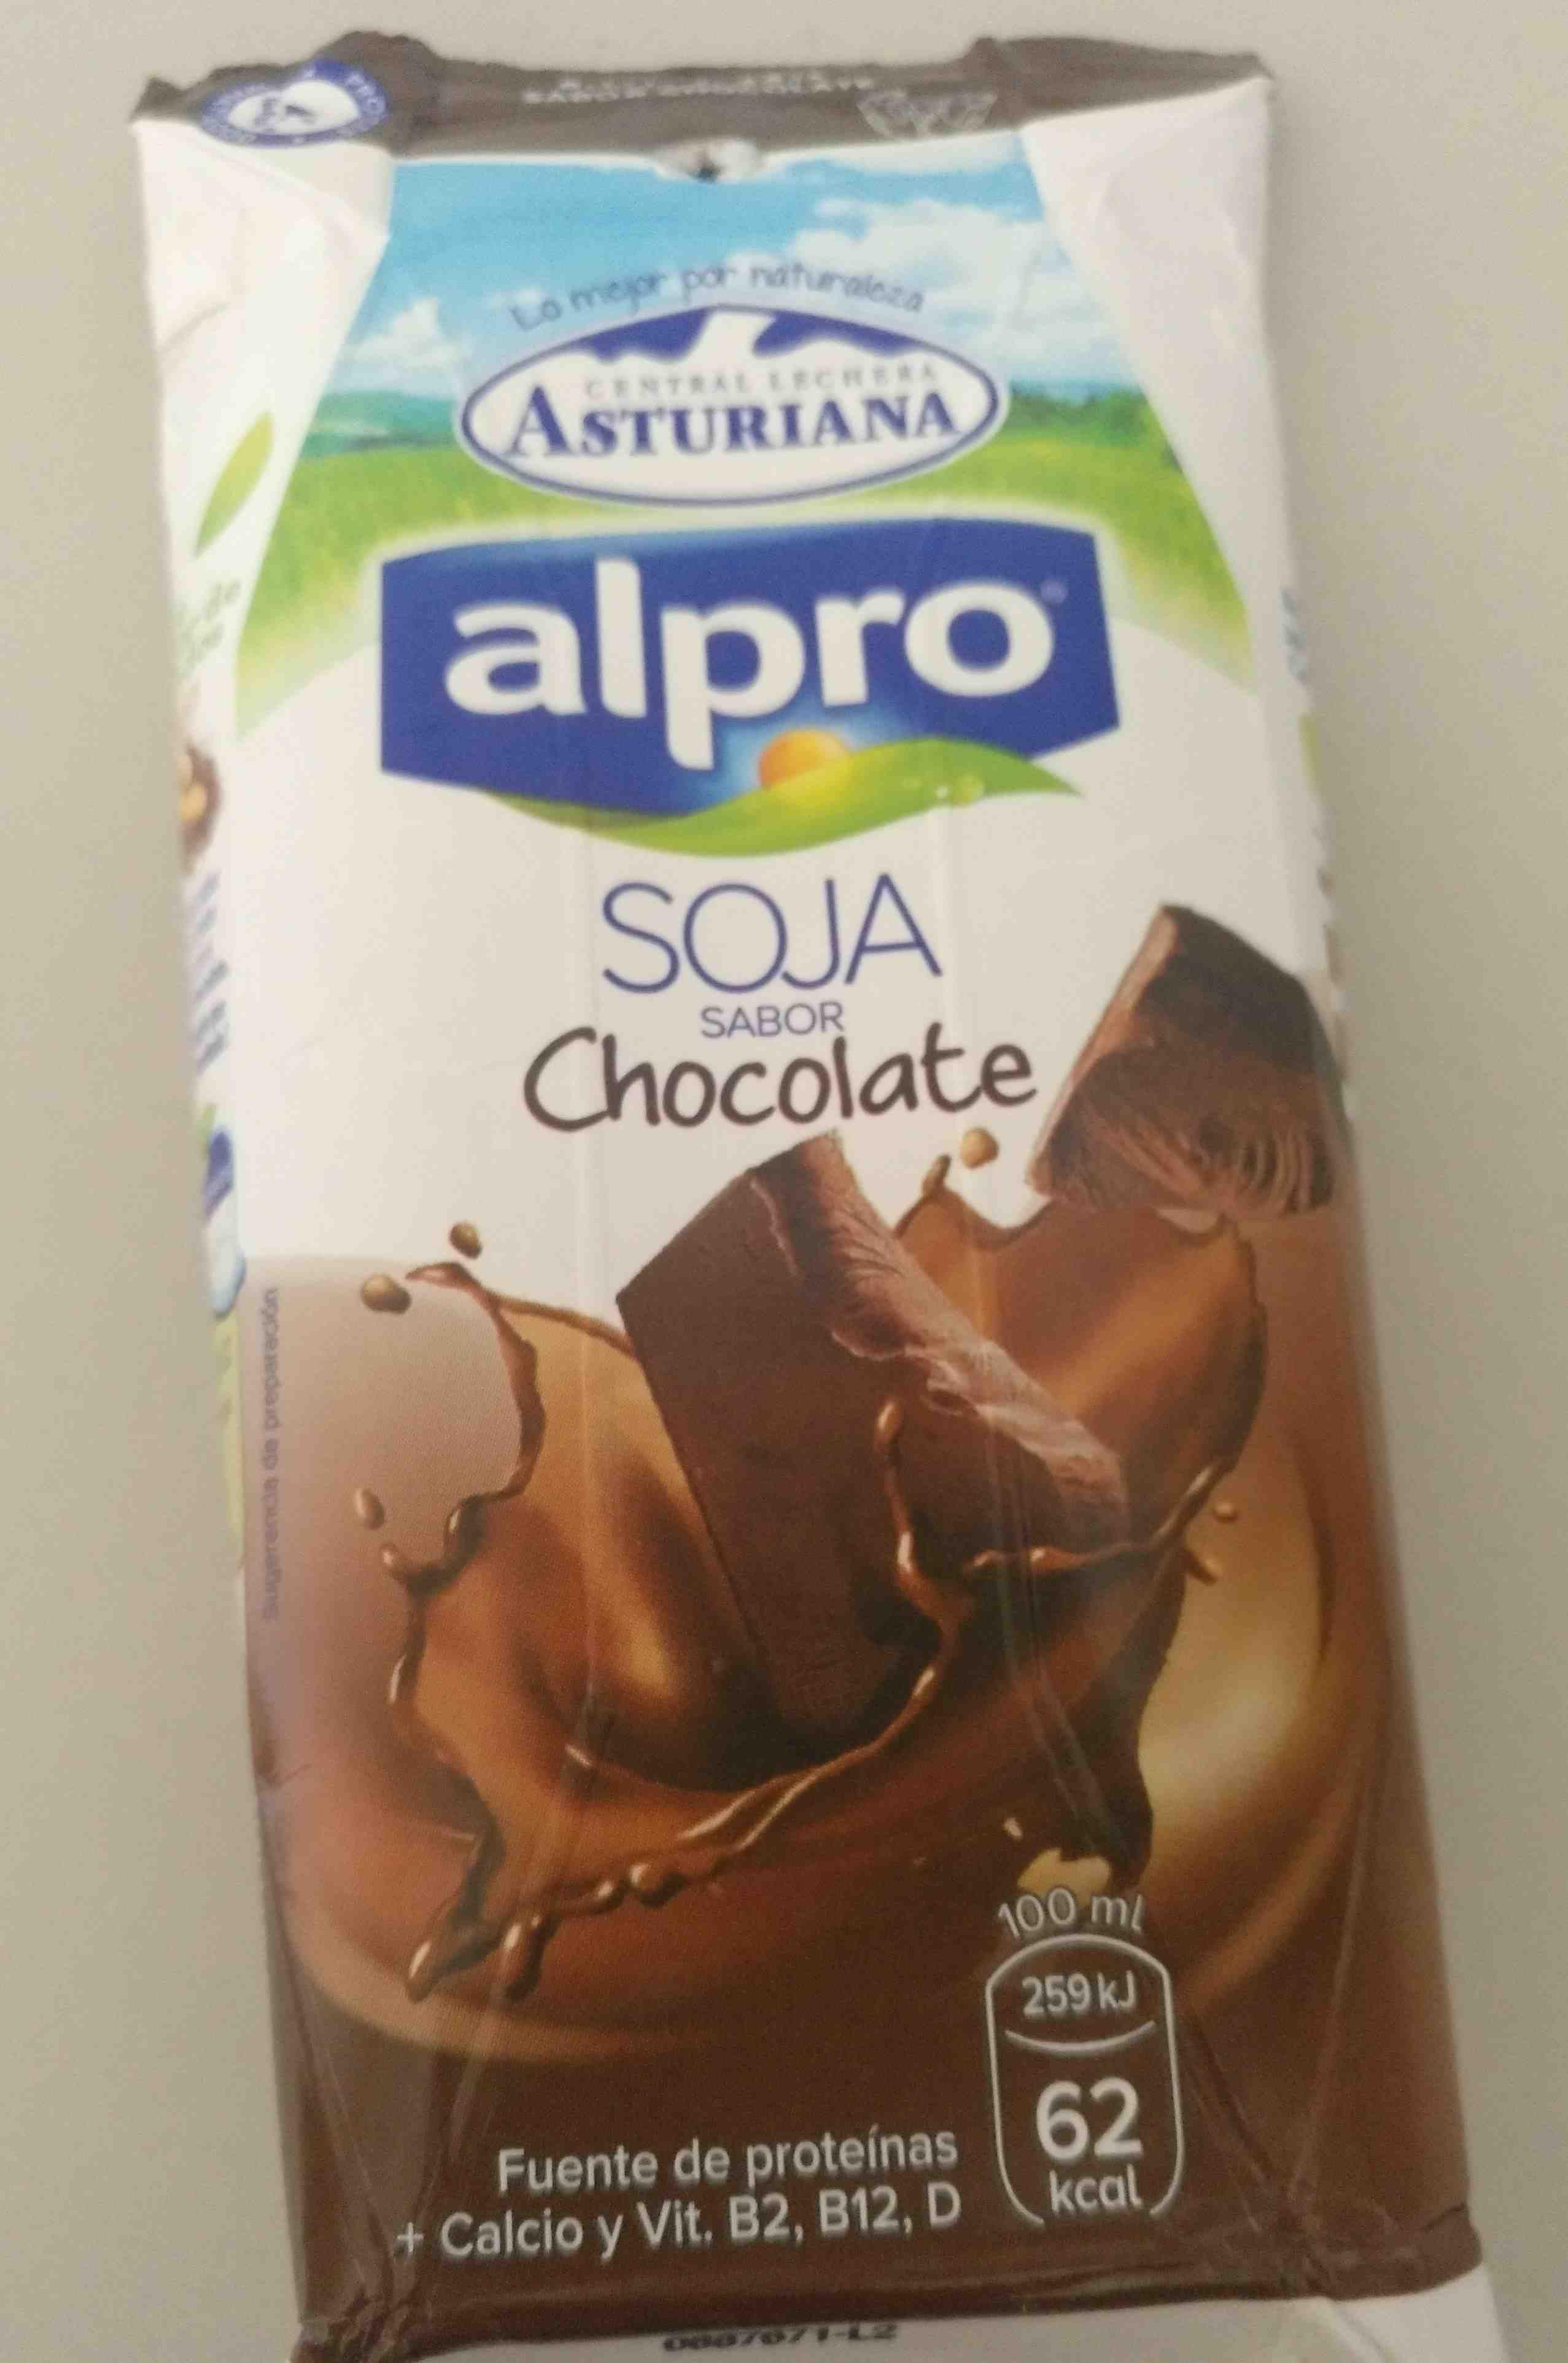 Batido de soja con chocolate - Product